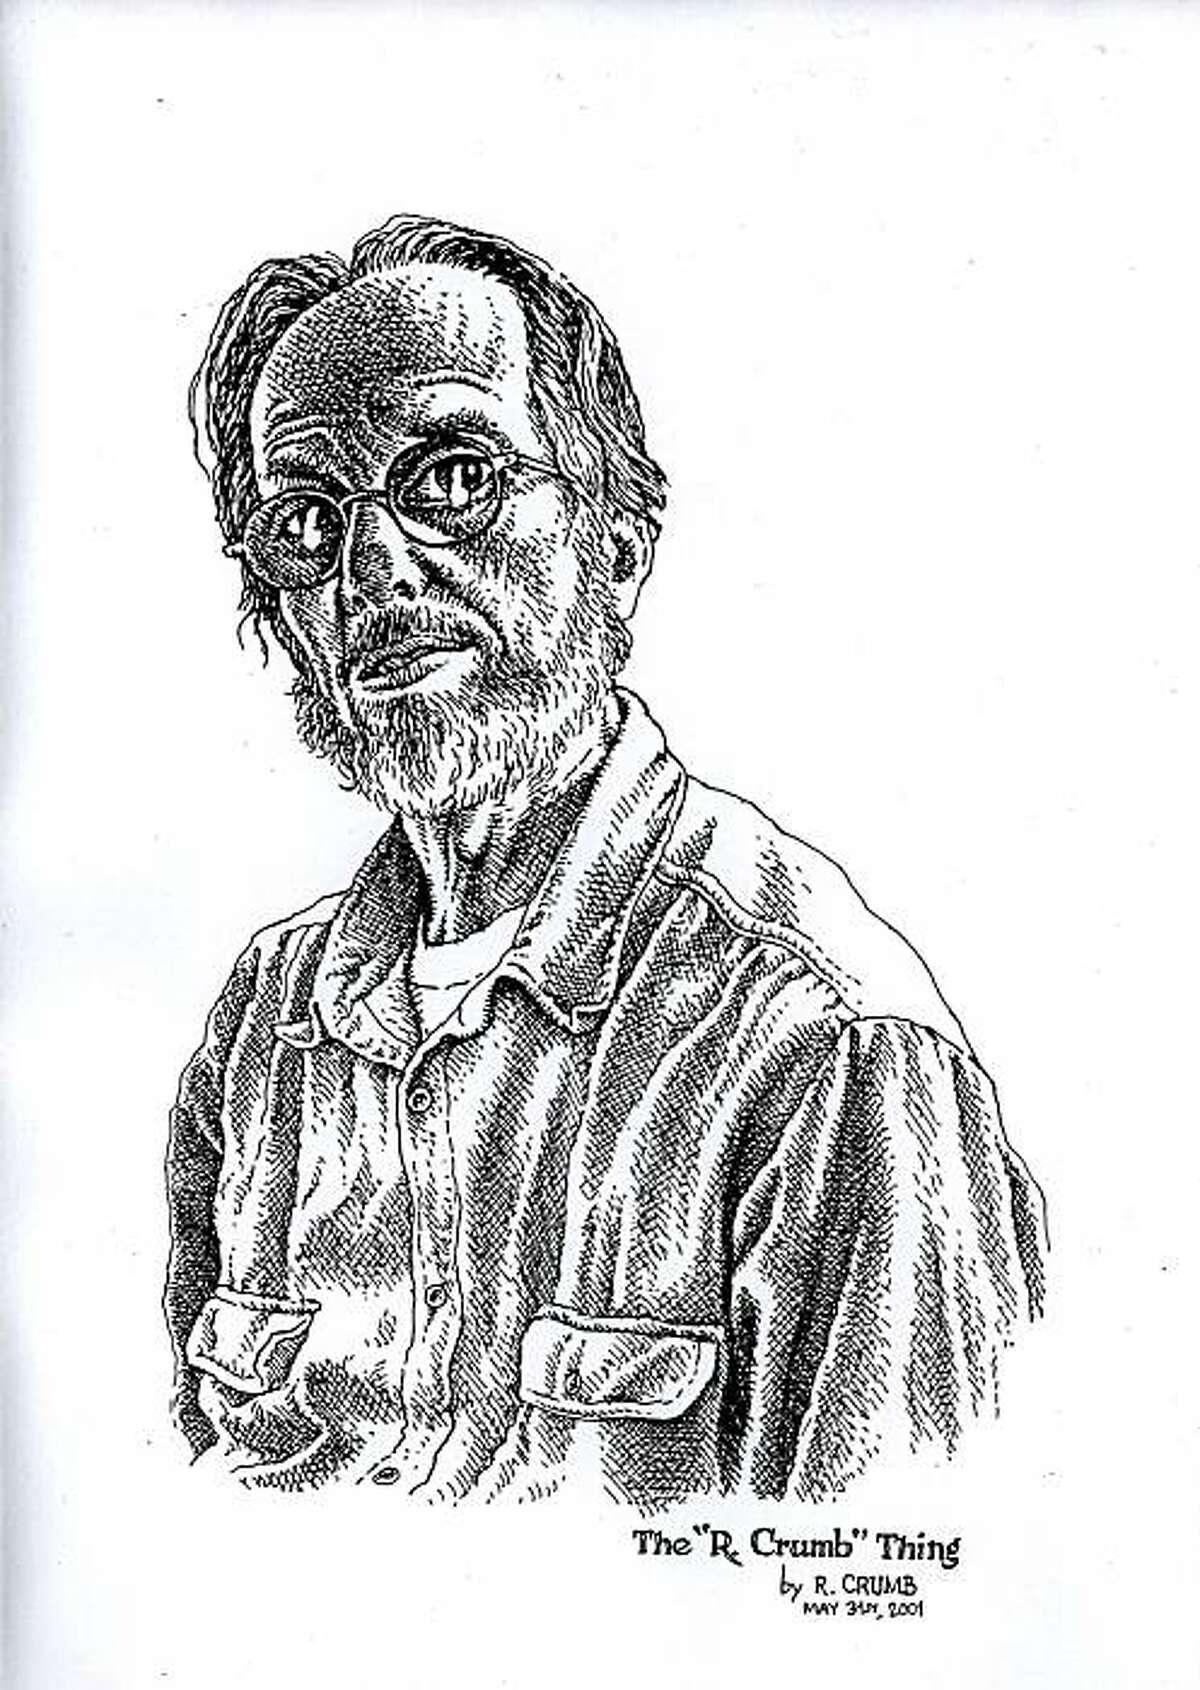 A self-portrait of R. Crumb.